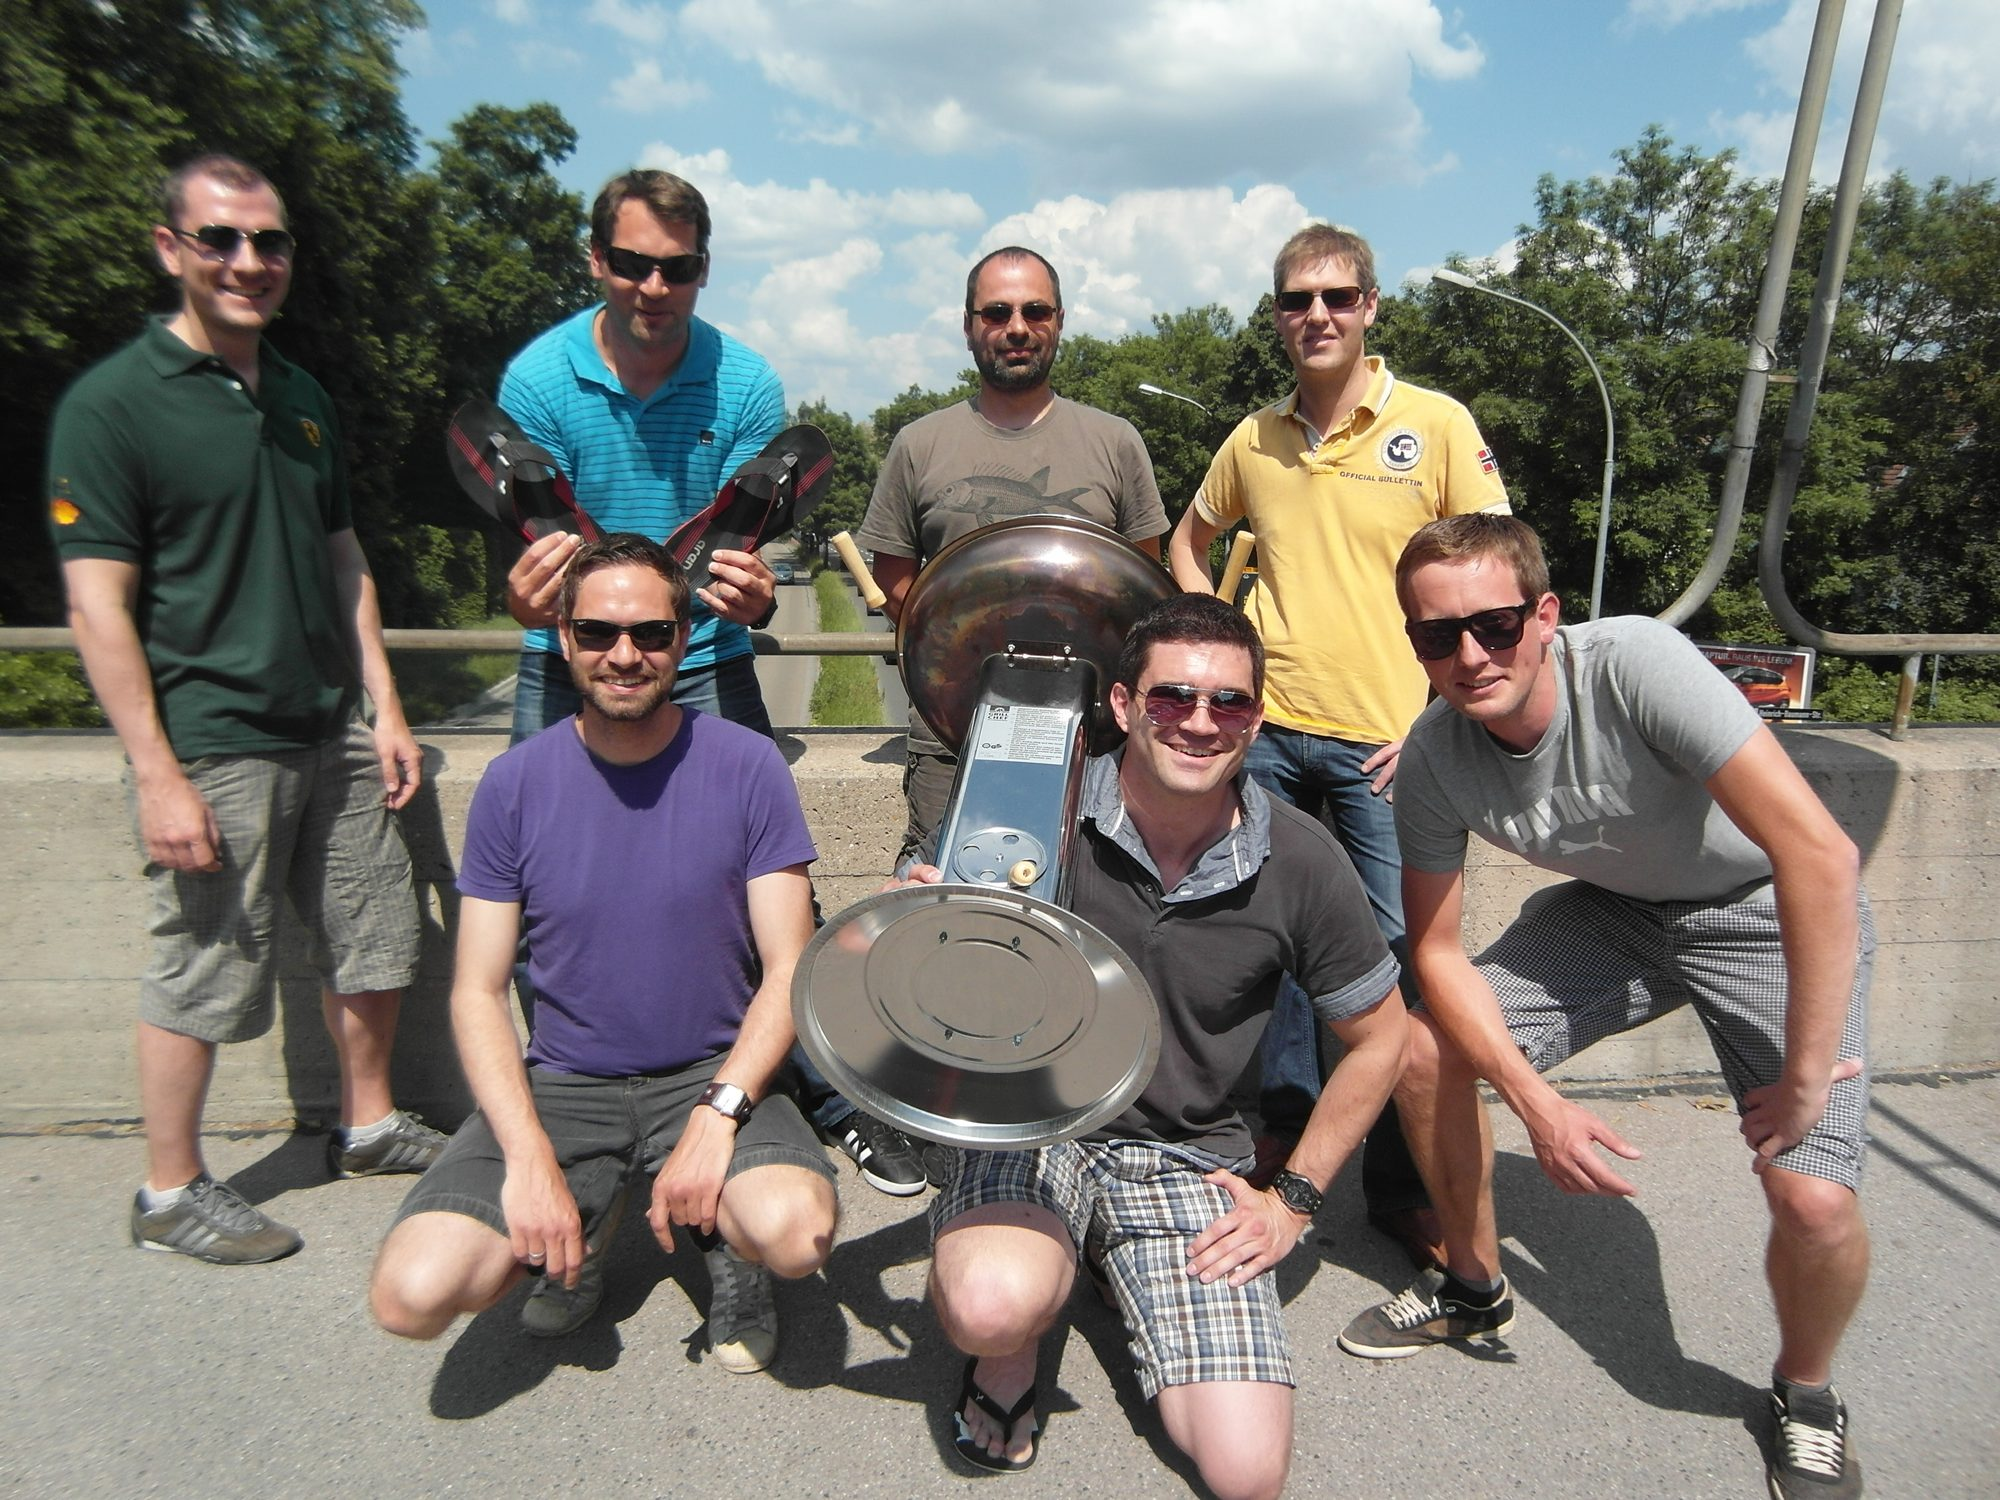 Thilo JGA - Die coolste Truppe der Welt!